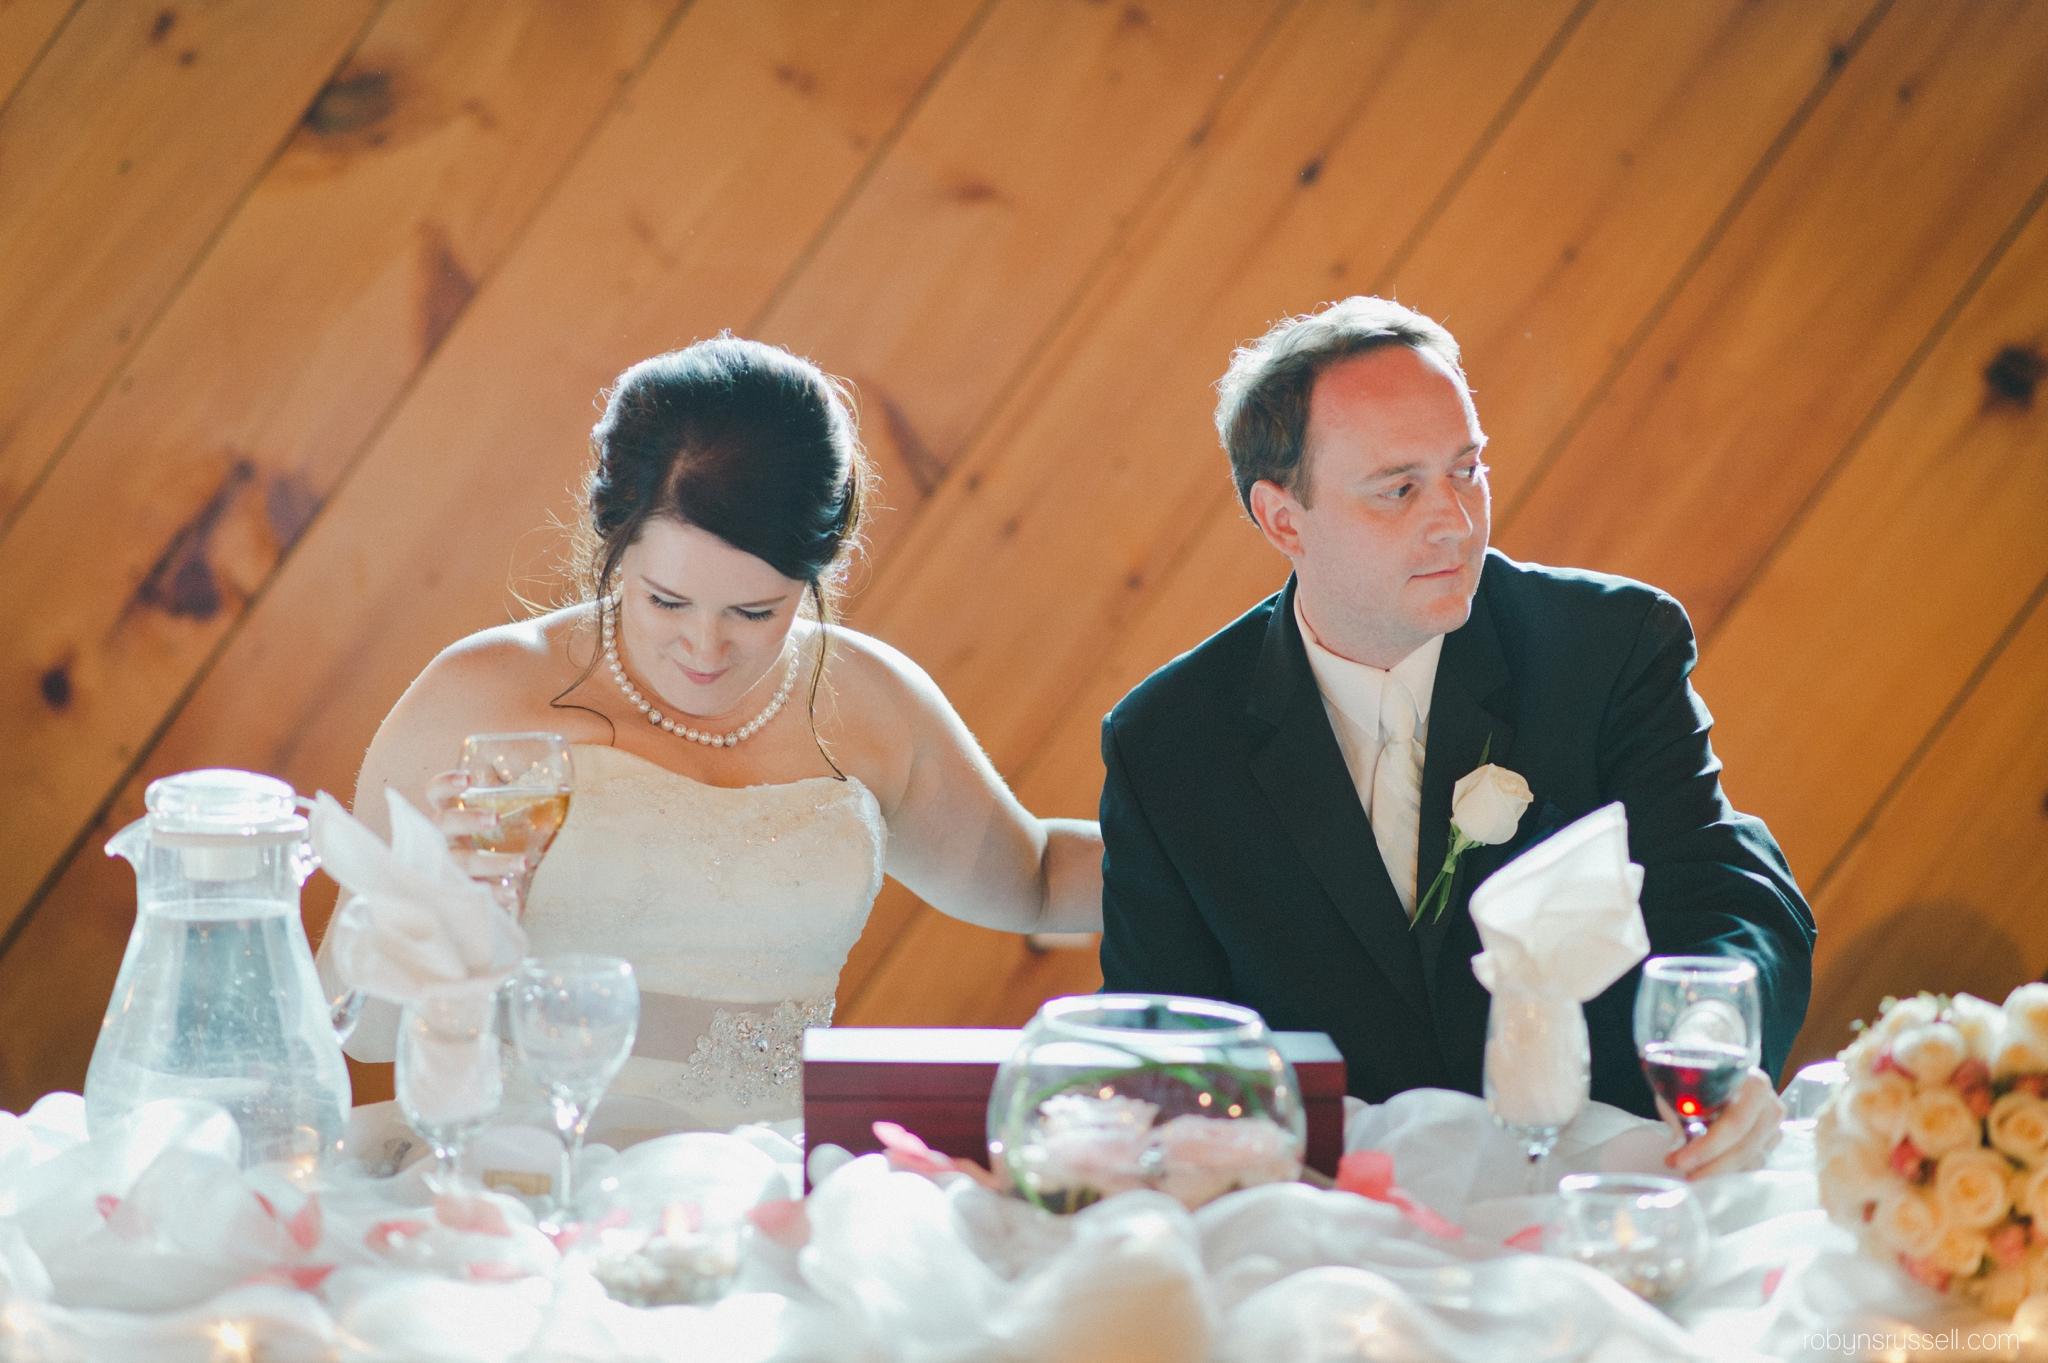 42-wedding-speeches-at-hernder.jpg